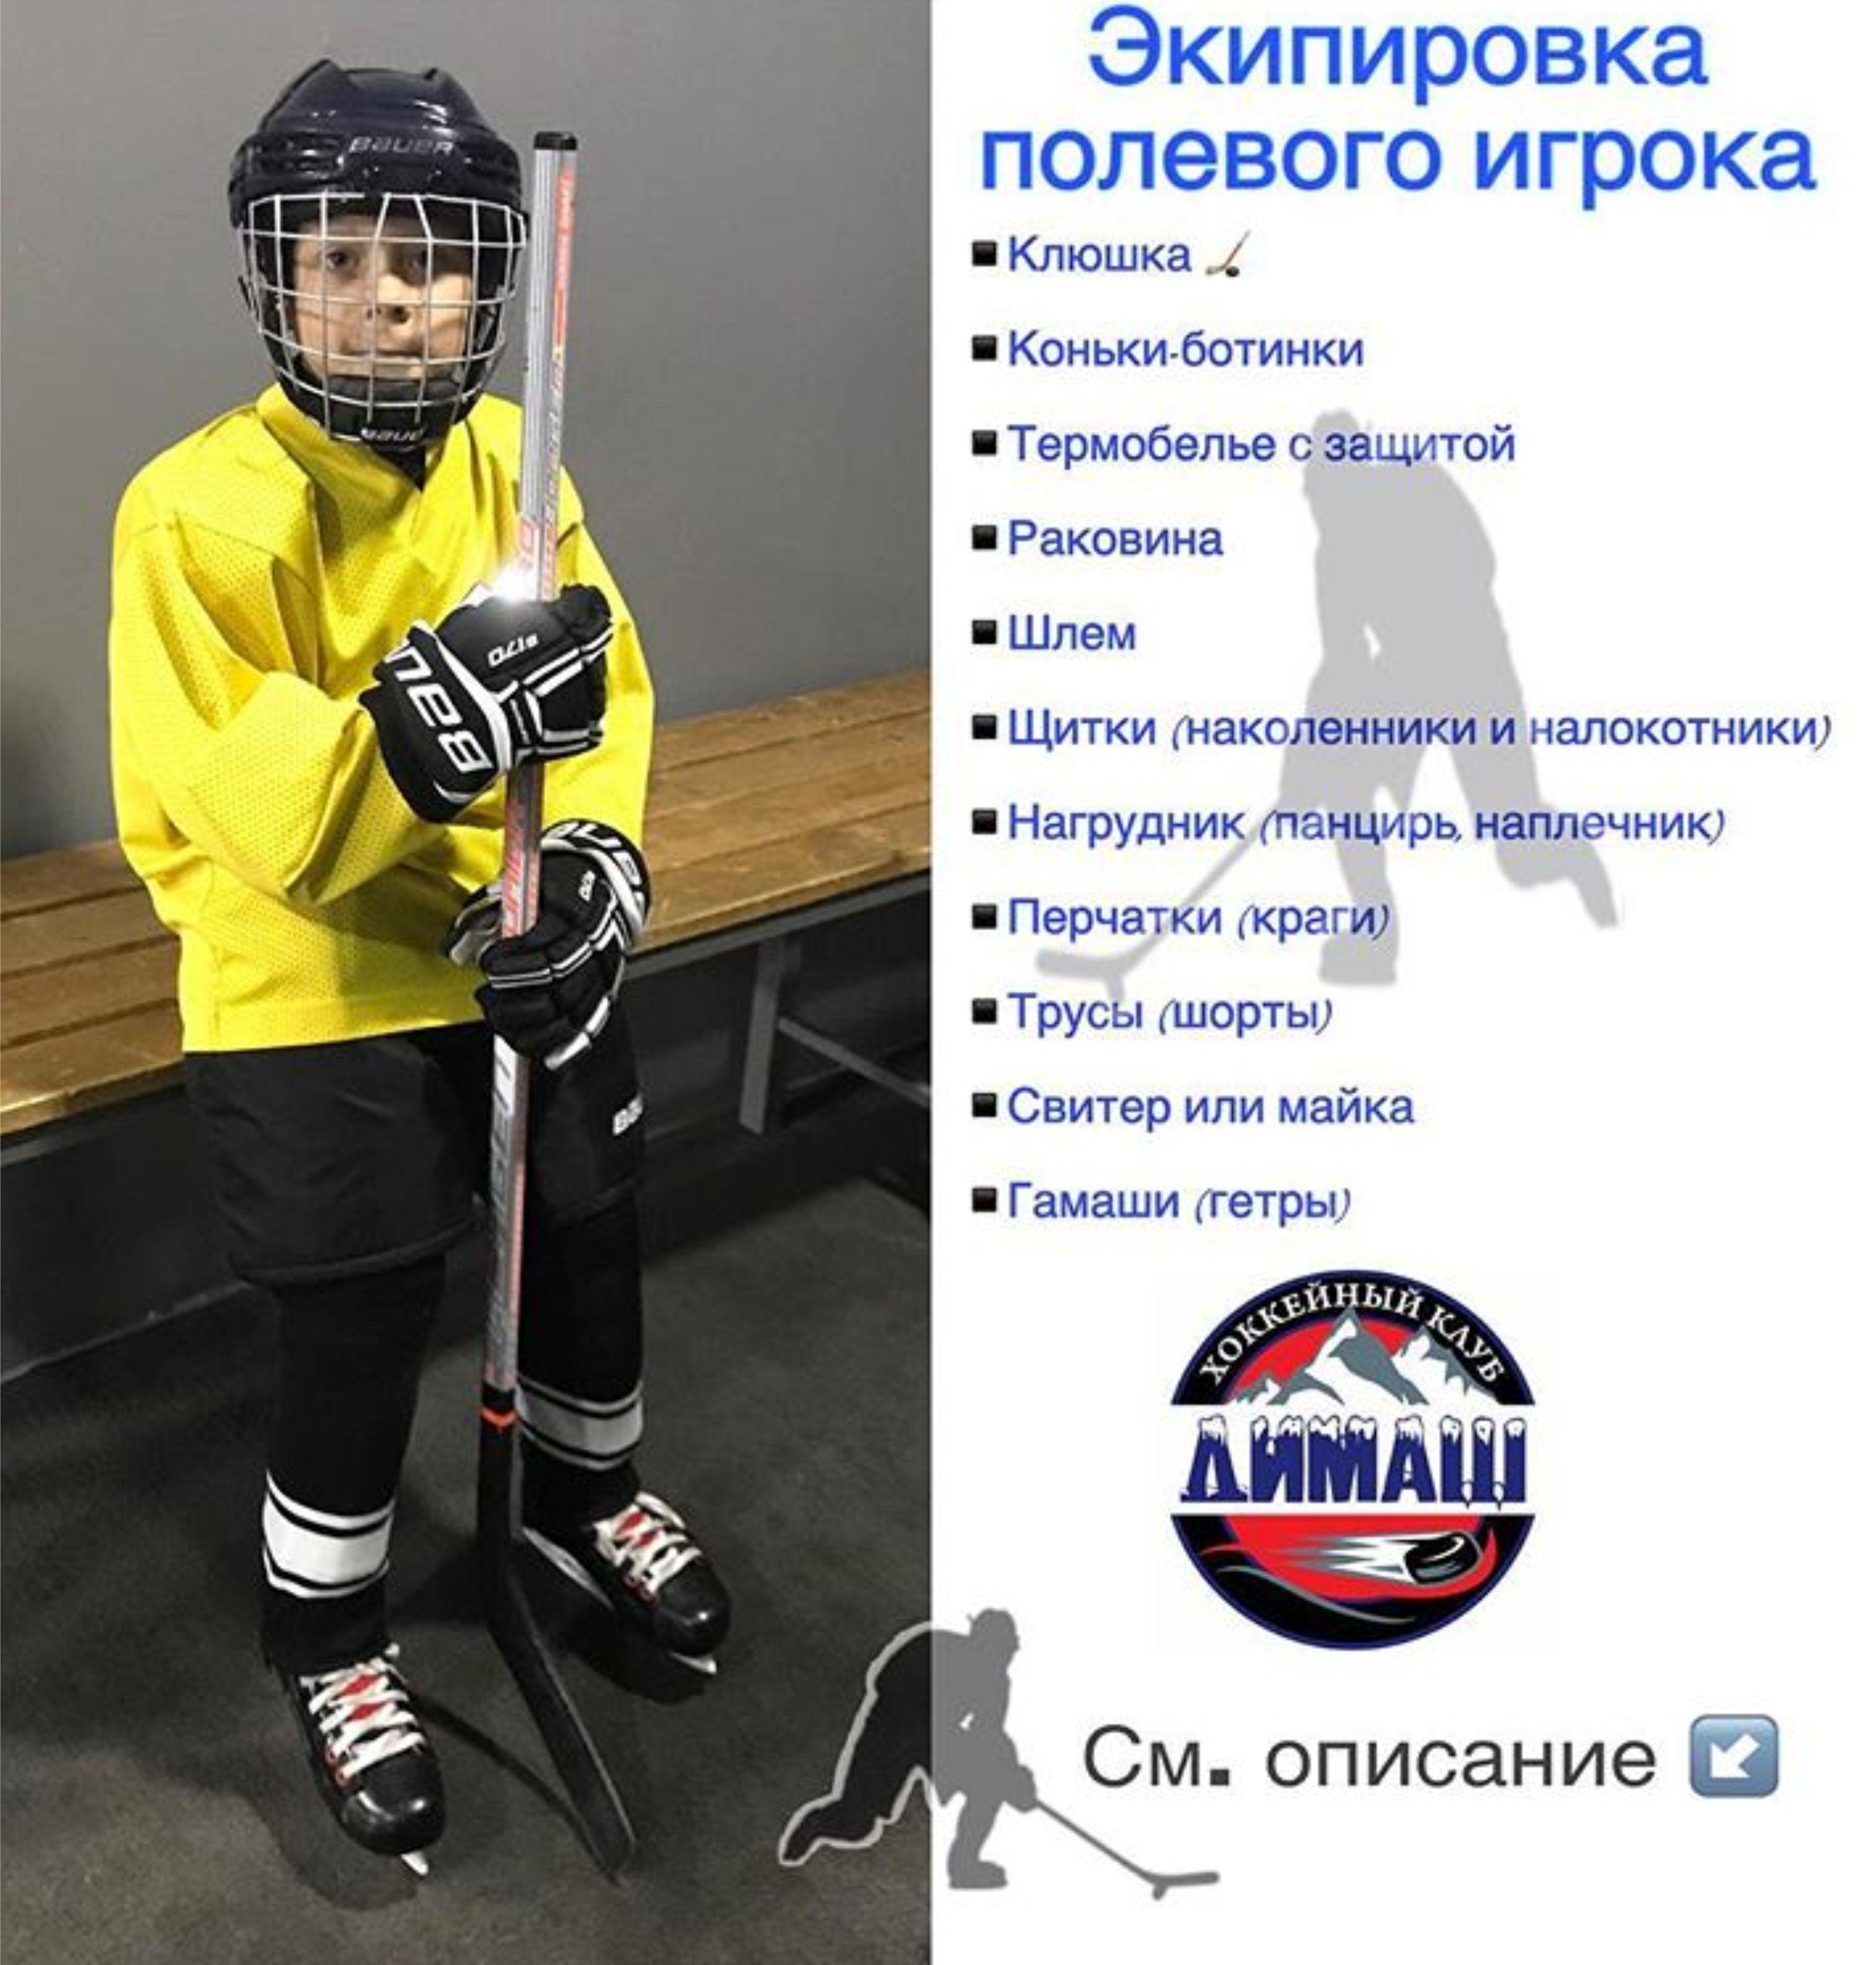 Хоккей_для_детей_в_Алматы.jpg